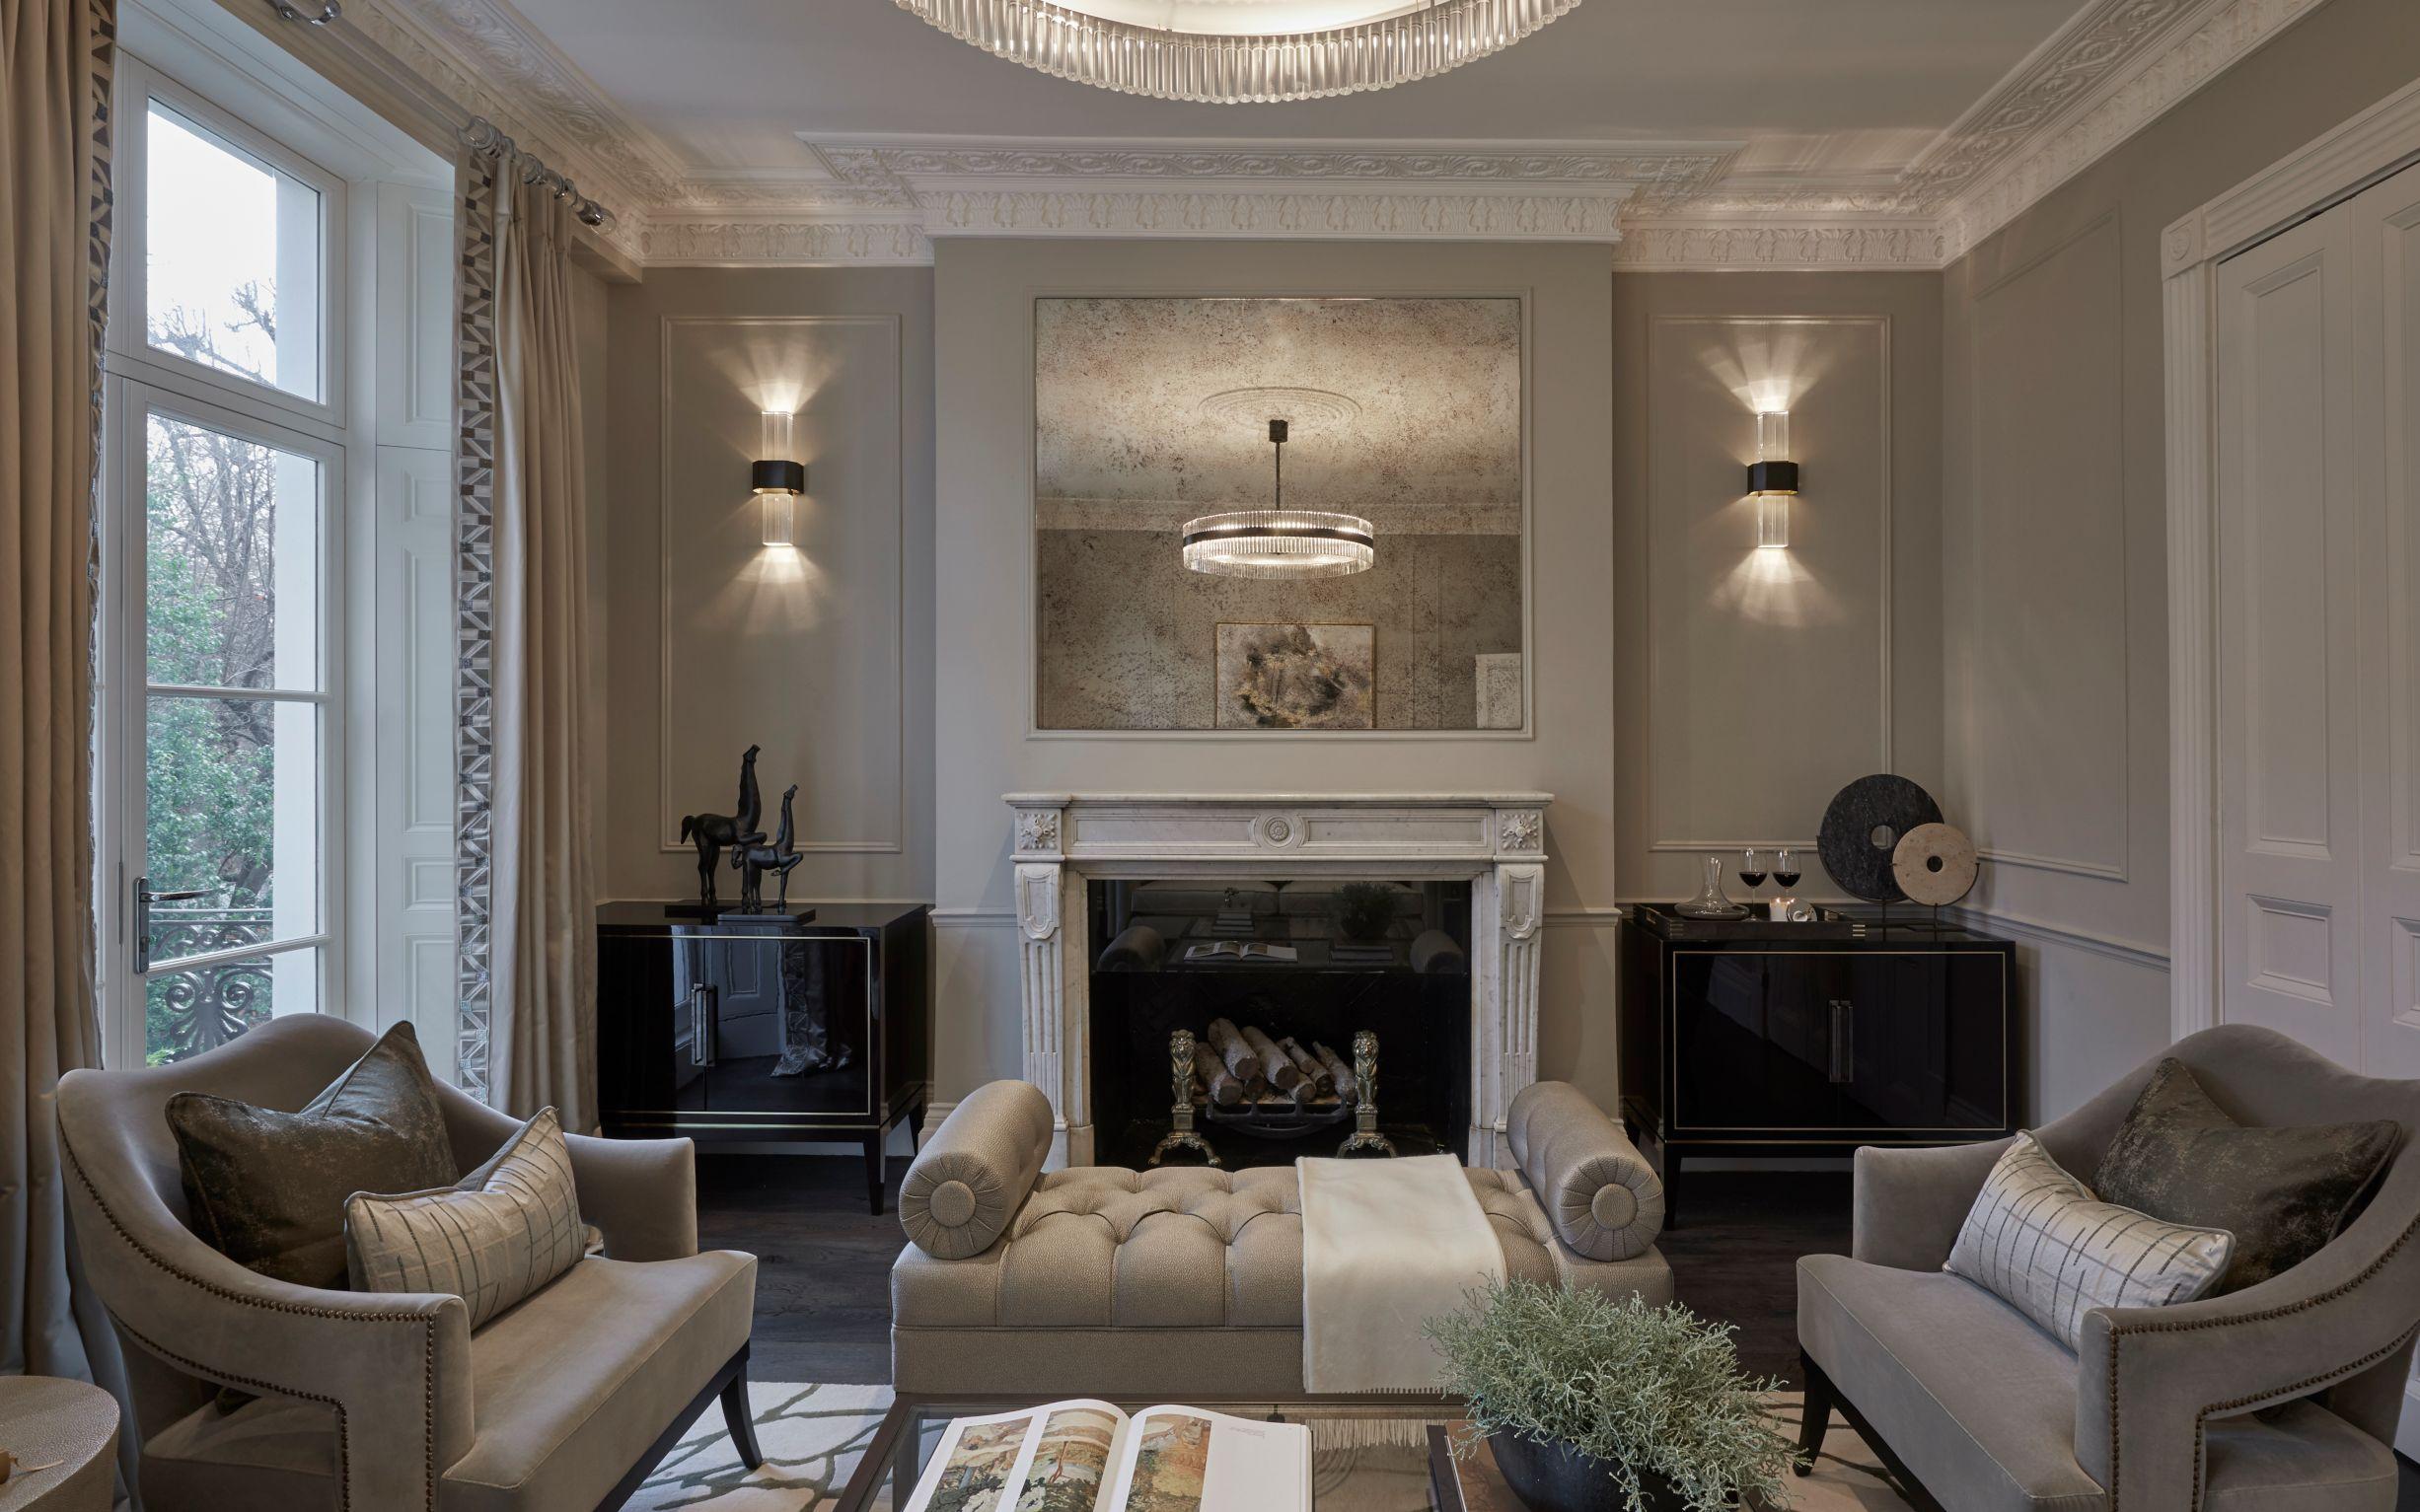 8 Feature Fireplace Design Ideas In 2019 Fireplace Design